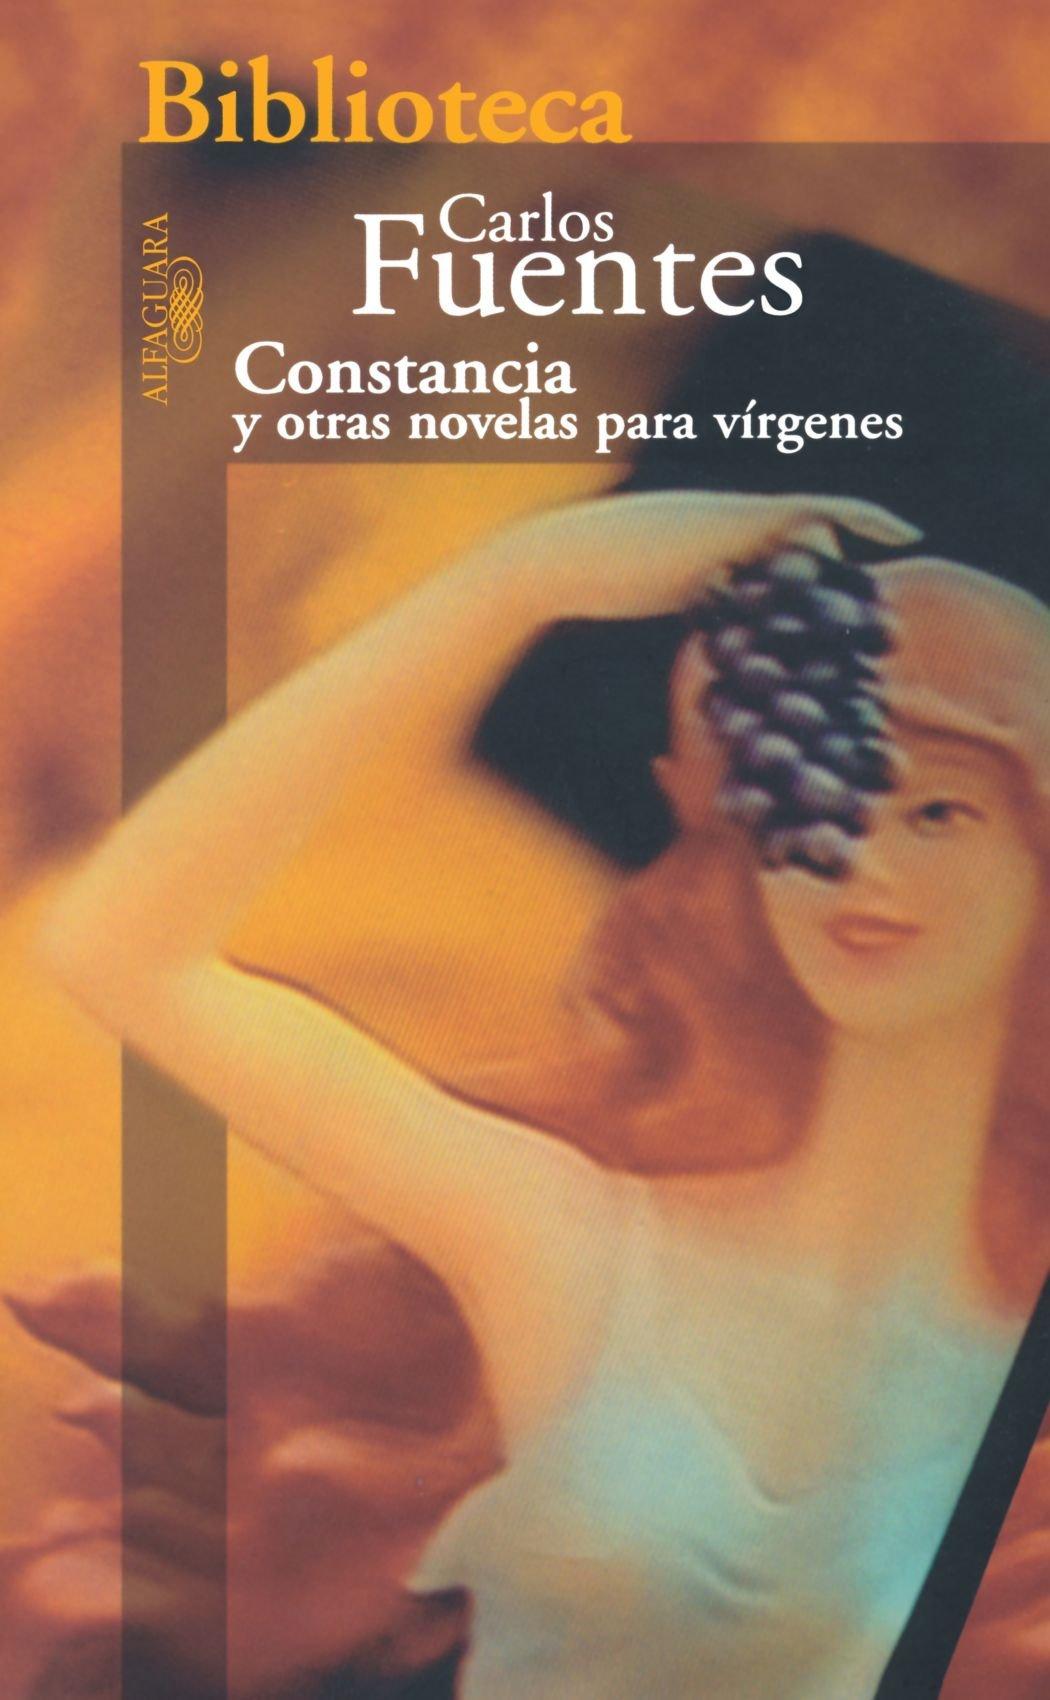 Constancia y otras novelas para virgenes / Constancia and Other Virgin Stories